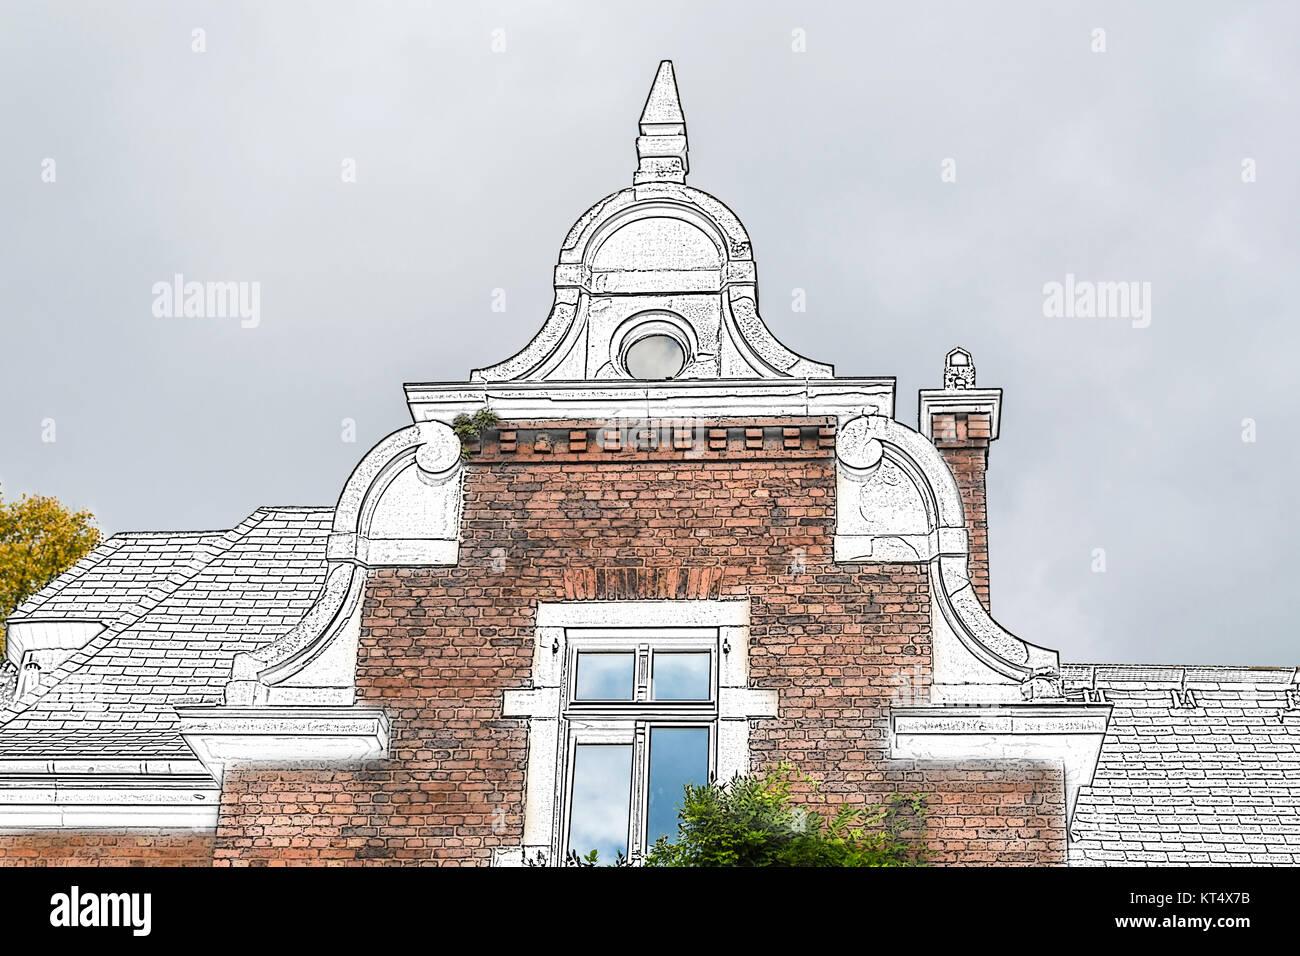 Zeichnung Giebelansicht einer alten Villa aus der Gründerzeit  mit verschiedenen historisierende Stilelementen. - Stock Image